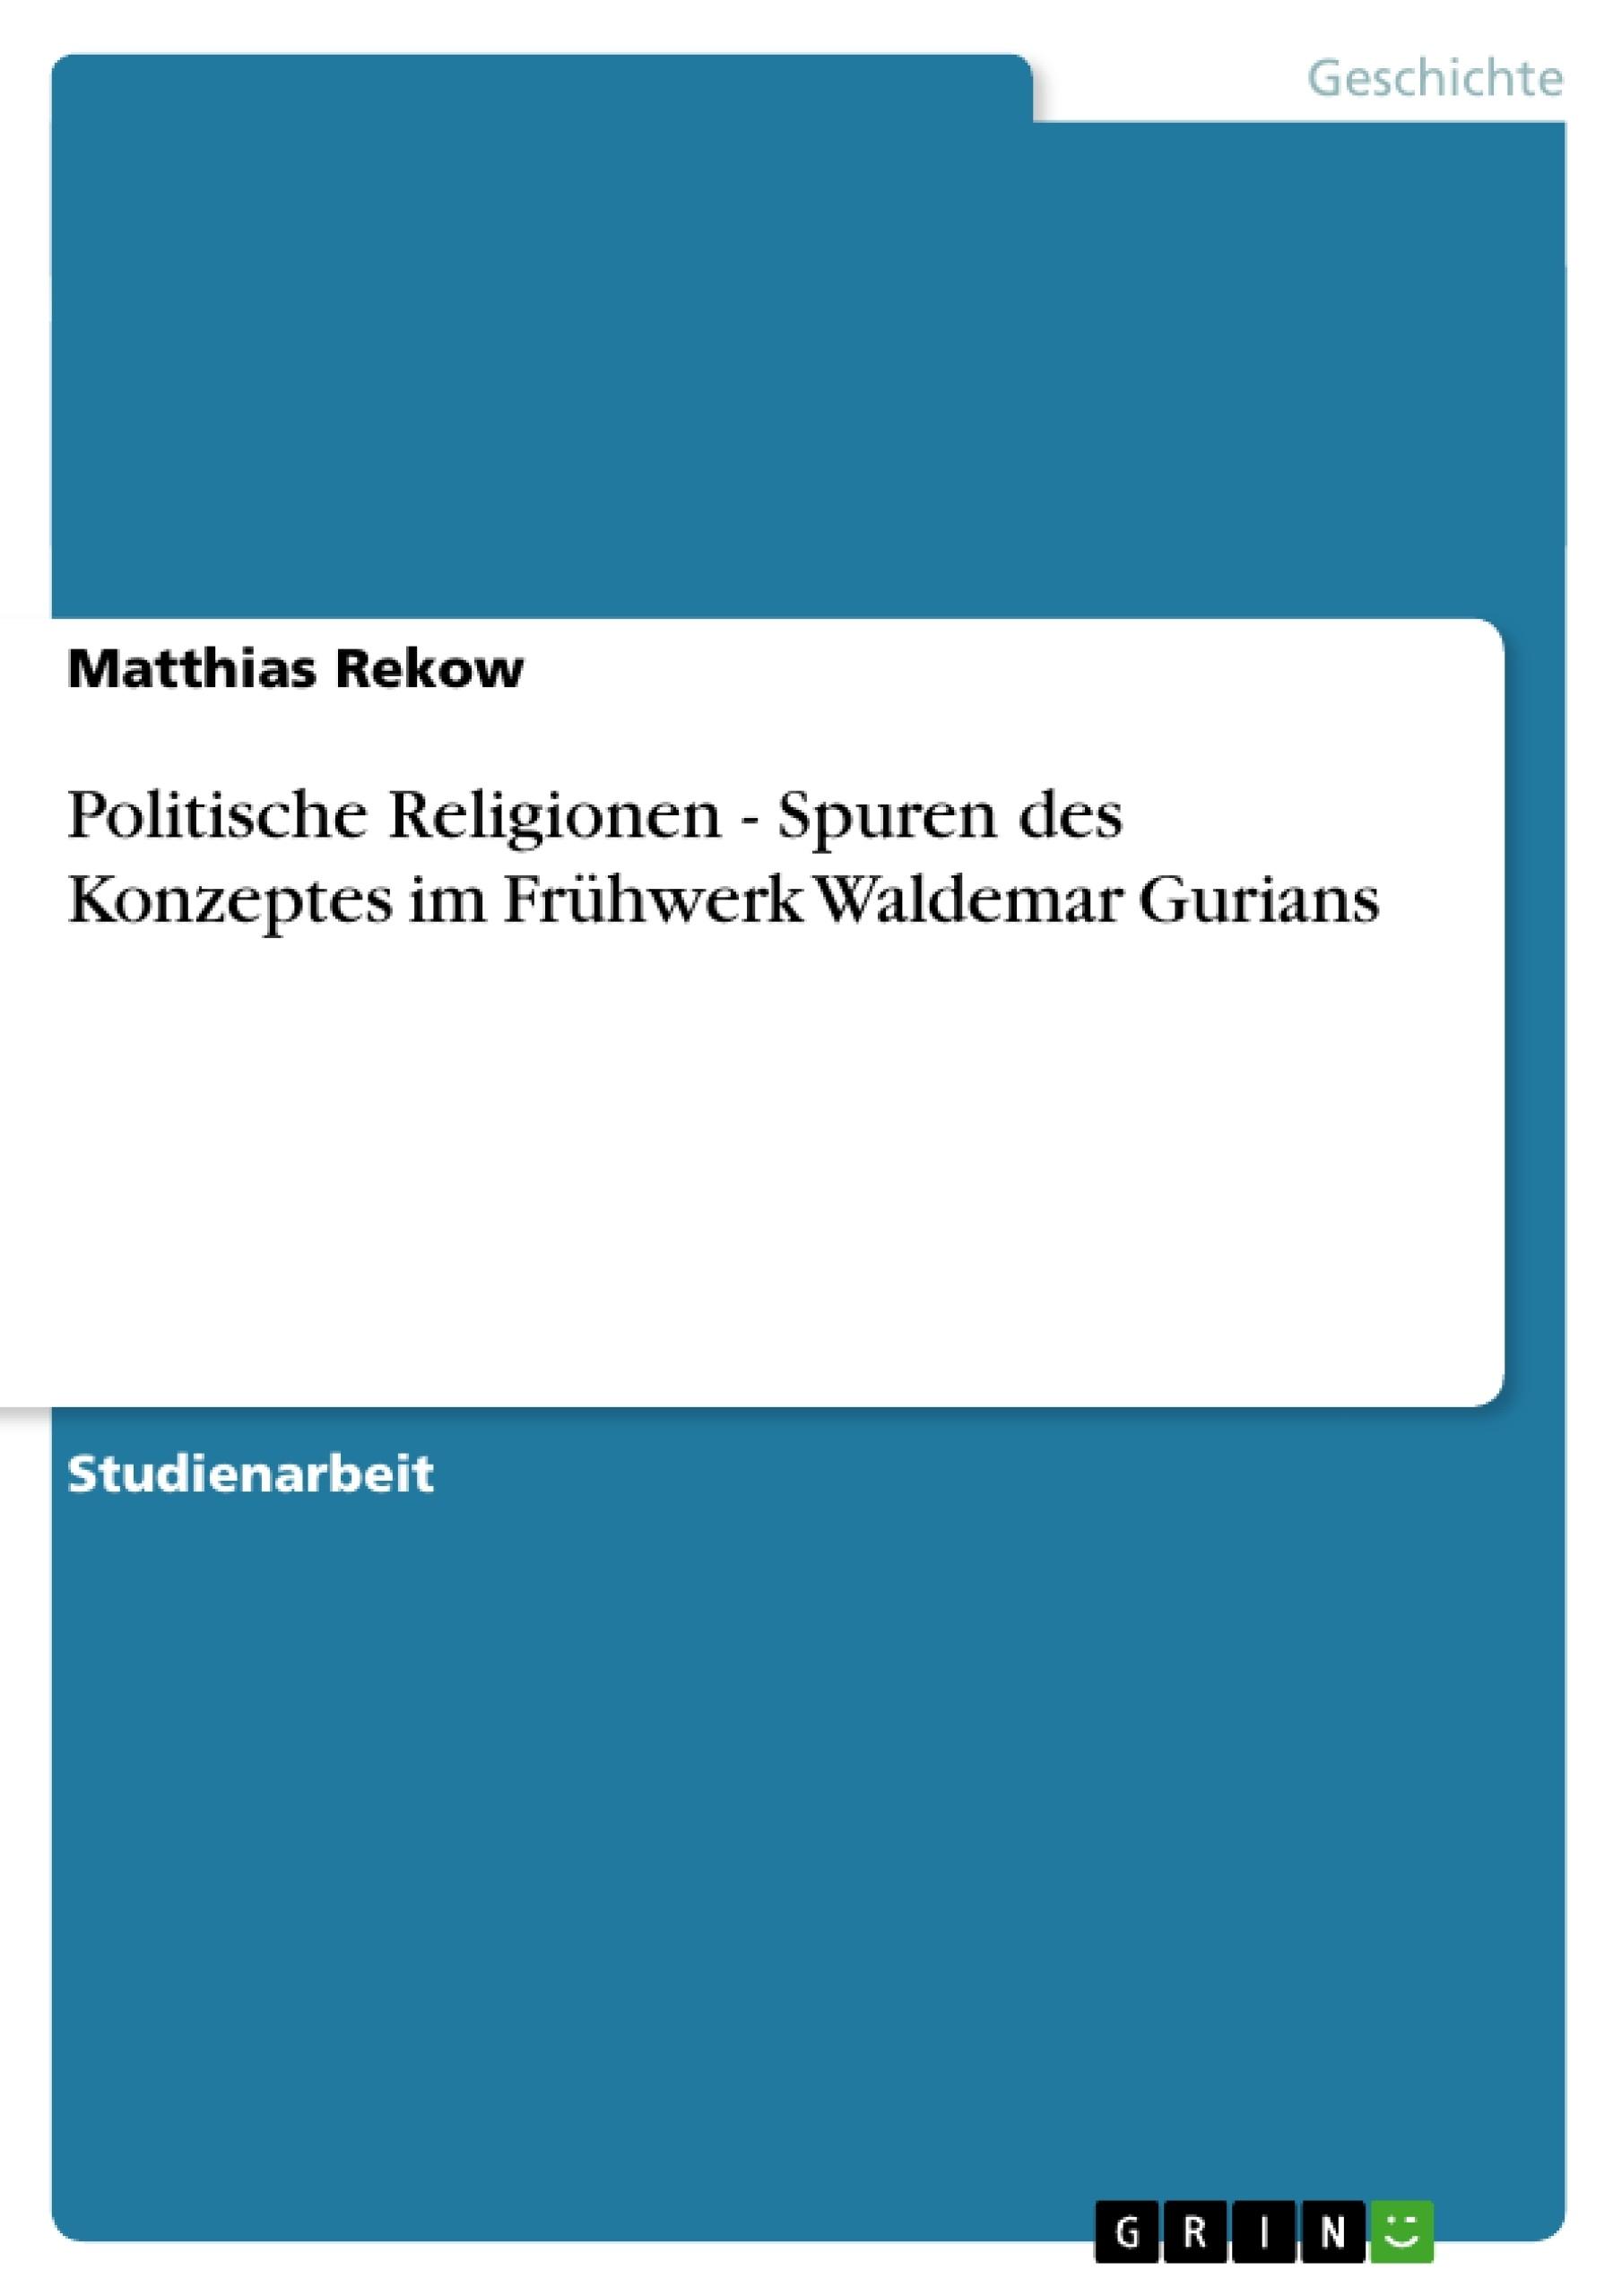 Titel: Politische Religionen - Spuren des Konzeptes im Frühwerk Waldemar Gurians